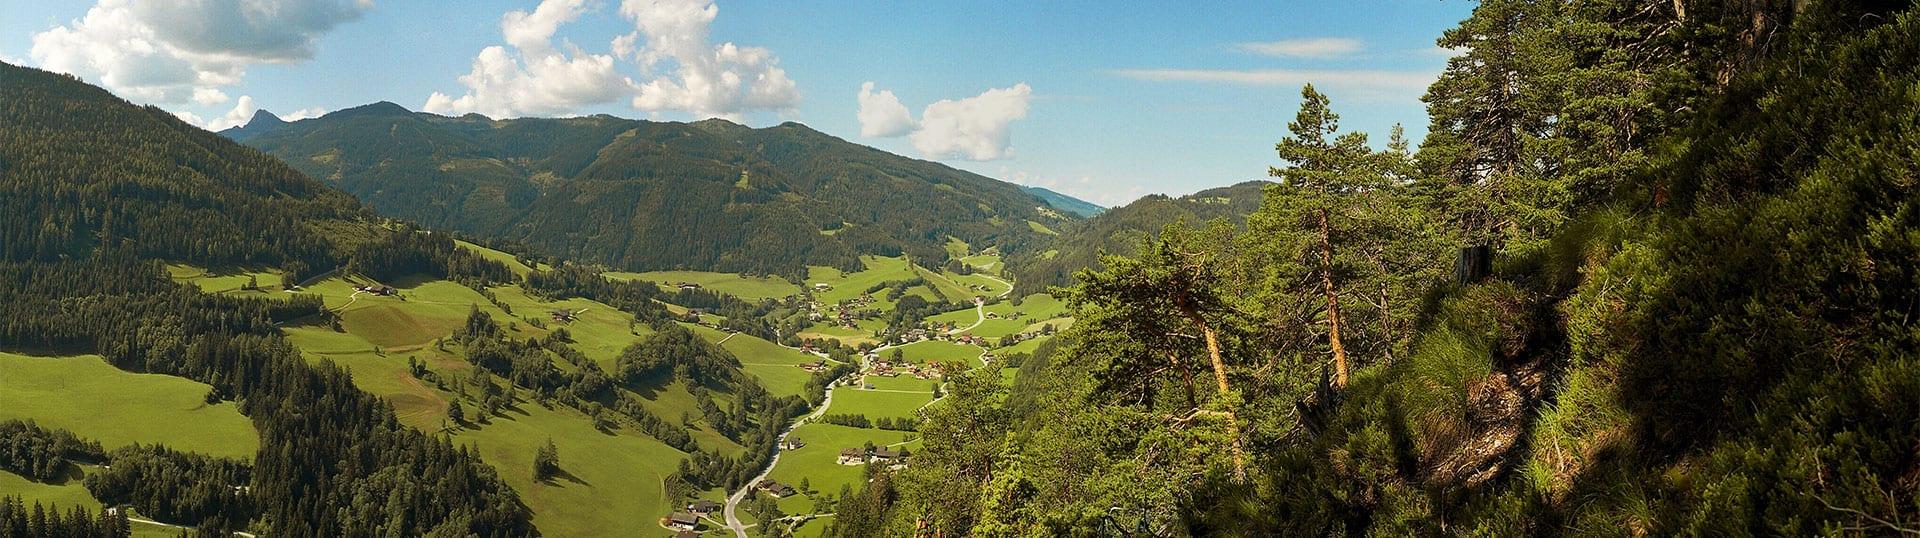 Sommerurlaub in Forstau, Salzburger Land